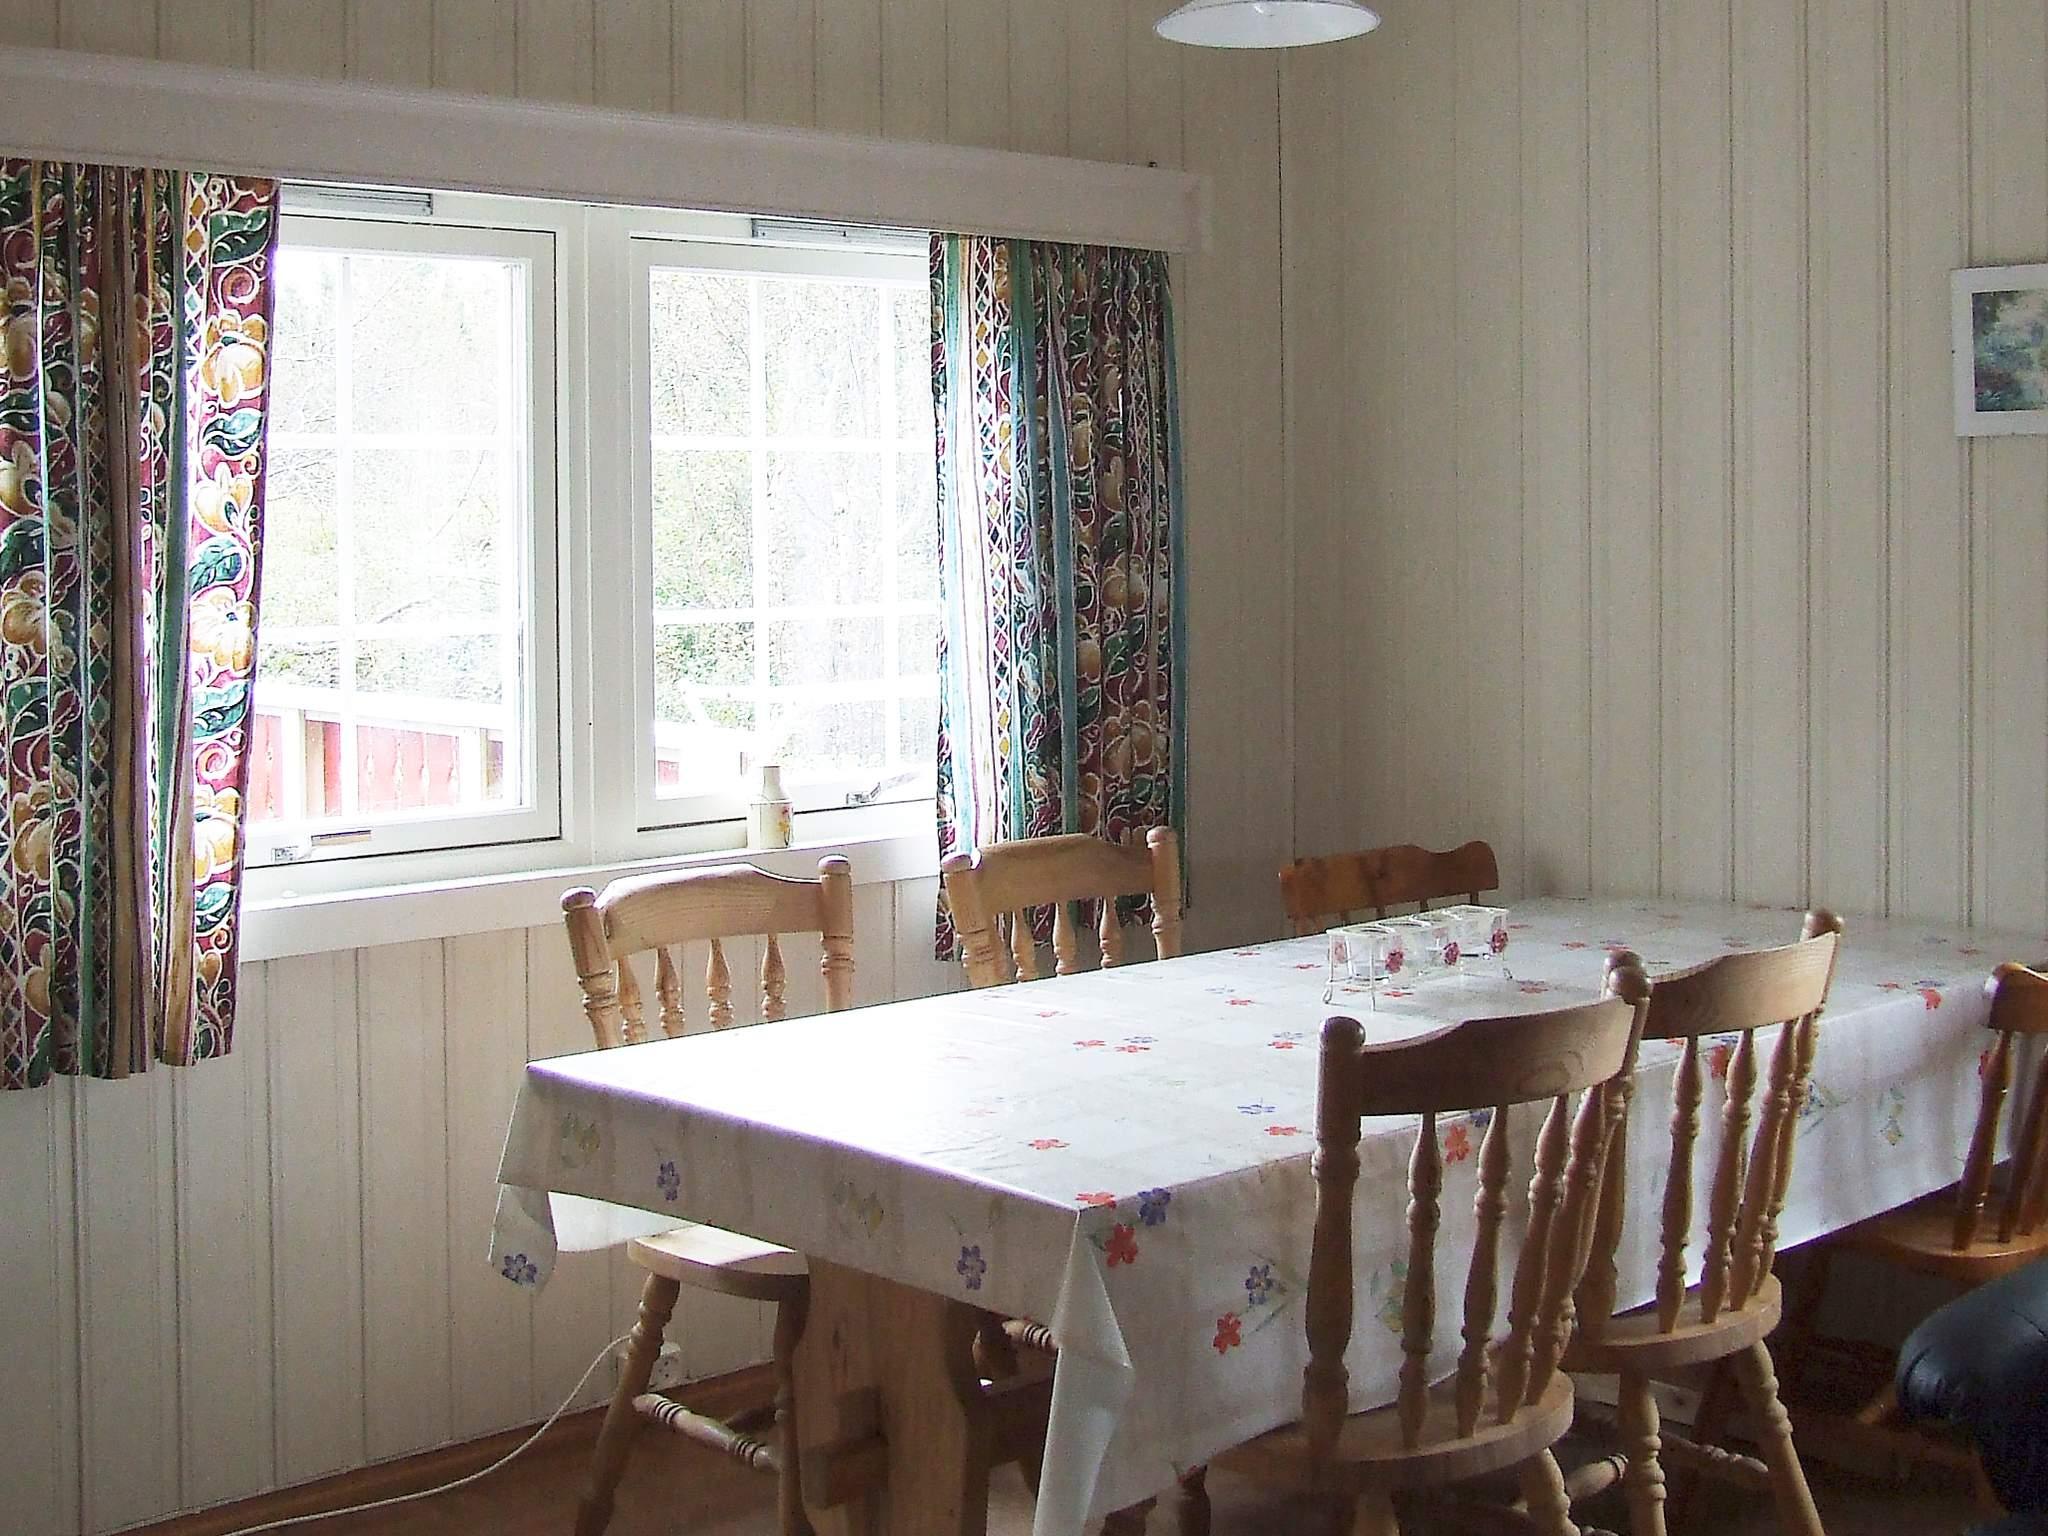 Ferienhaus Storfosna (179483), Storfosna, Tröndelag Süd - Trondheimfjord Süd, Mittelnorwegen, Norwegen, Bild 3